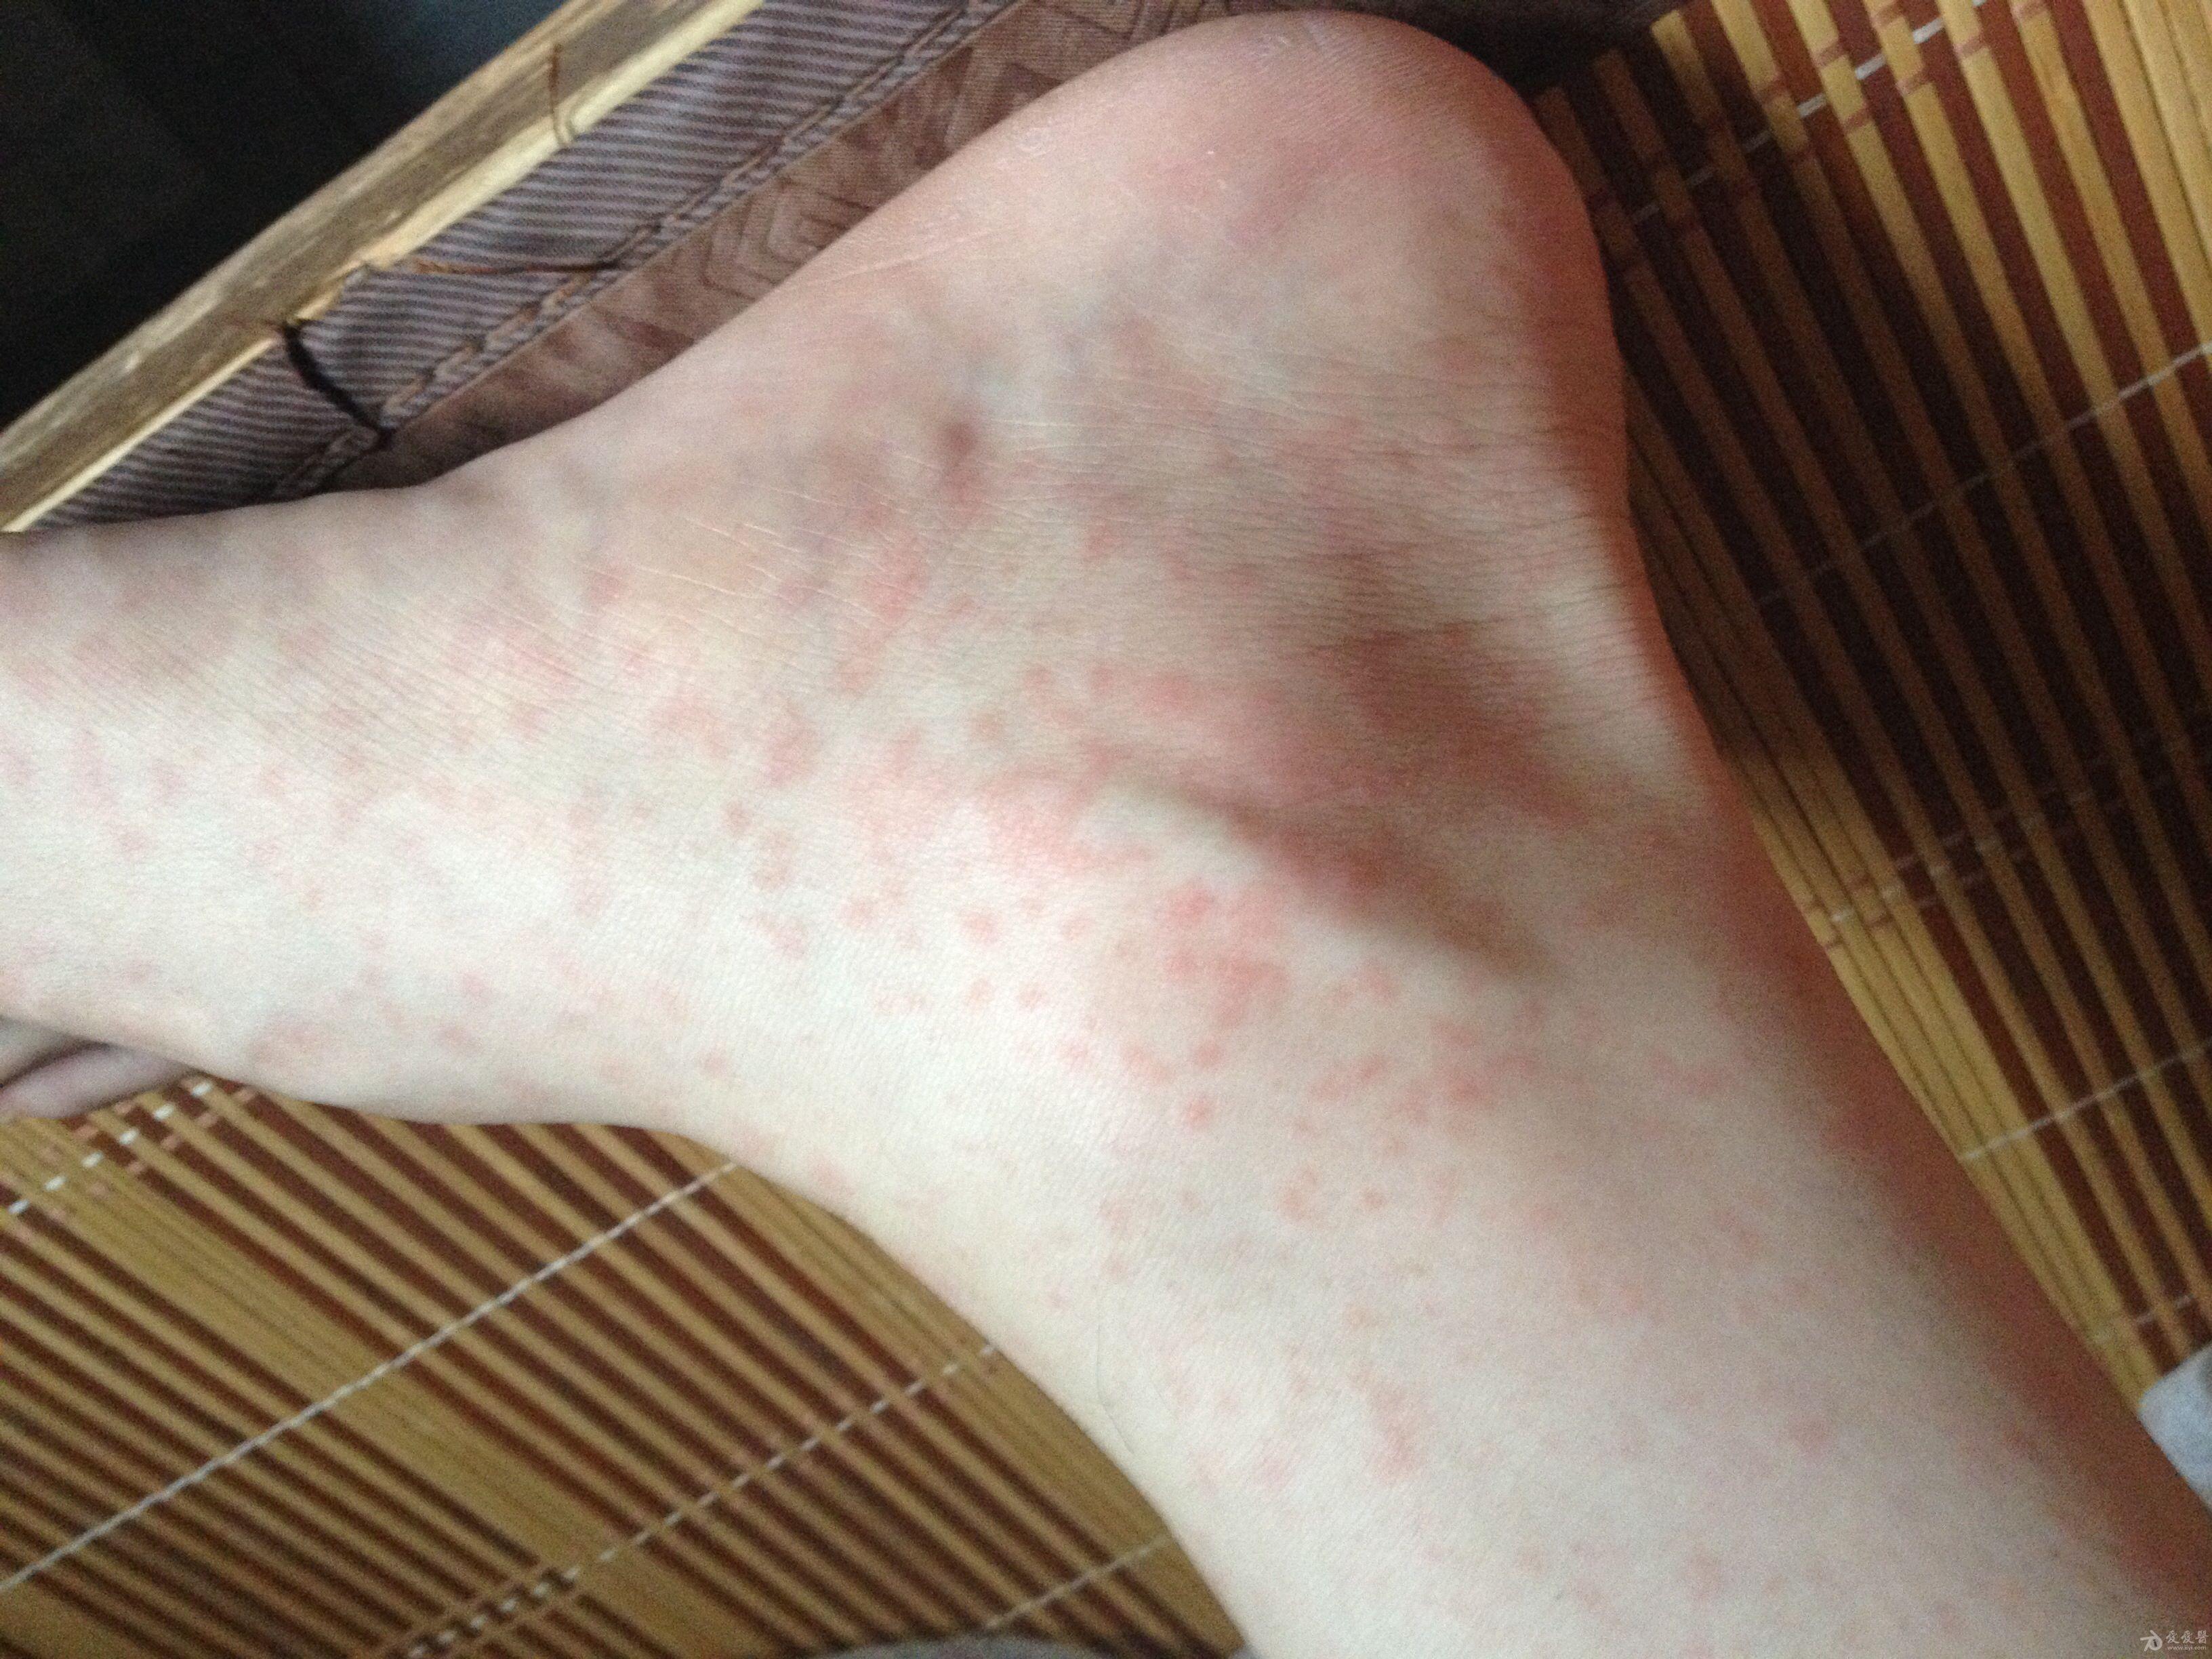 梅毒大腿根部红斑图片-热疹症状图片 婴儿病毒疹 孢疹的症状